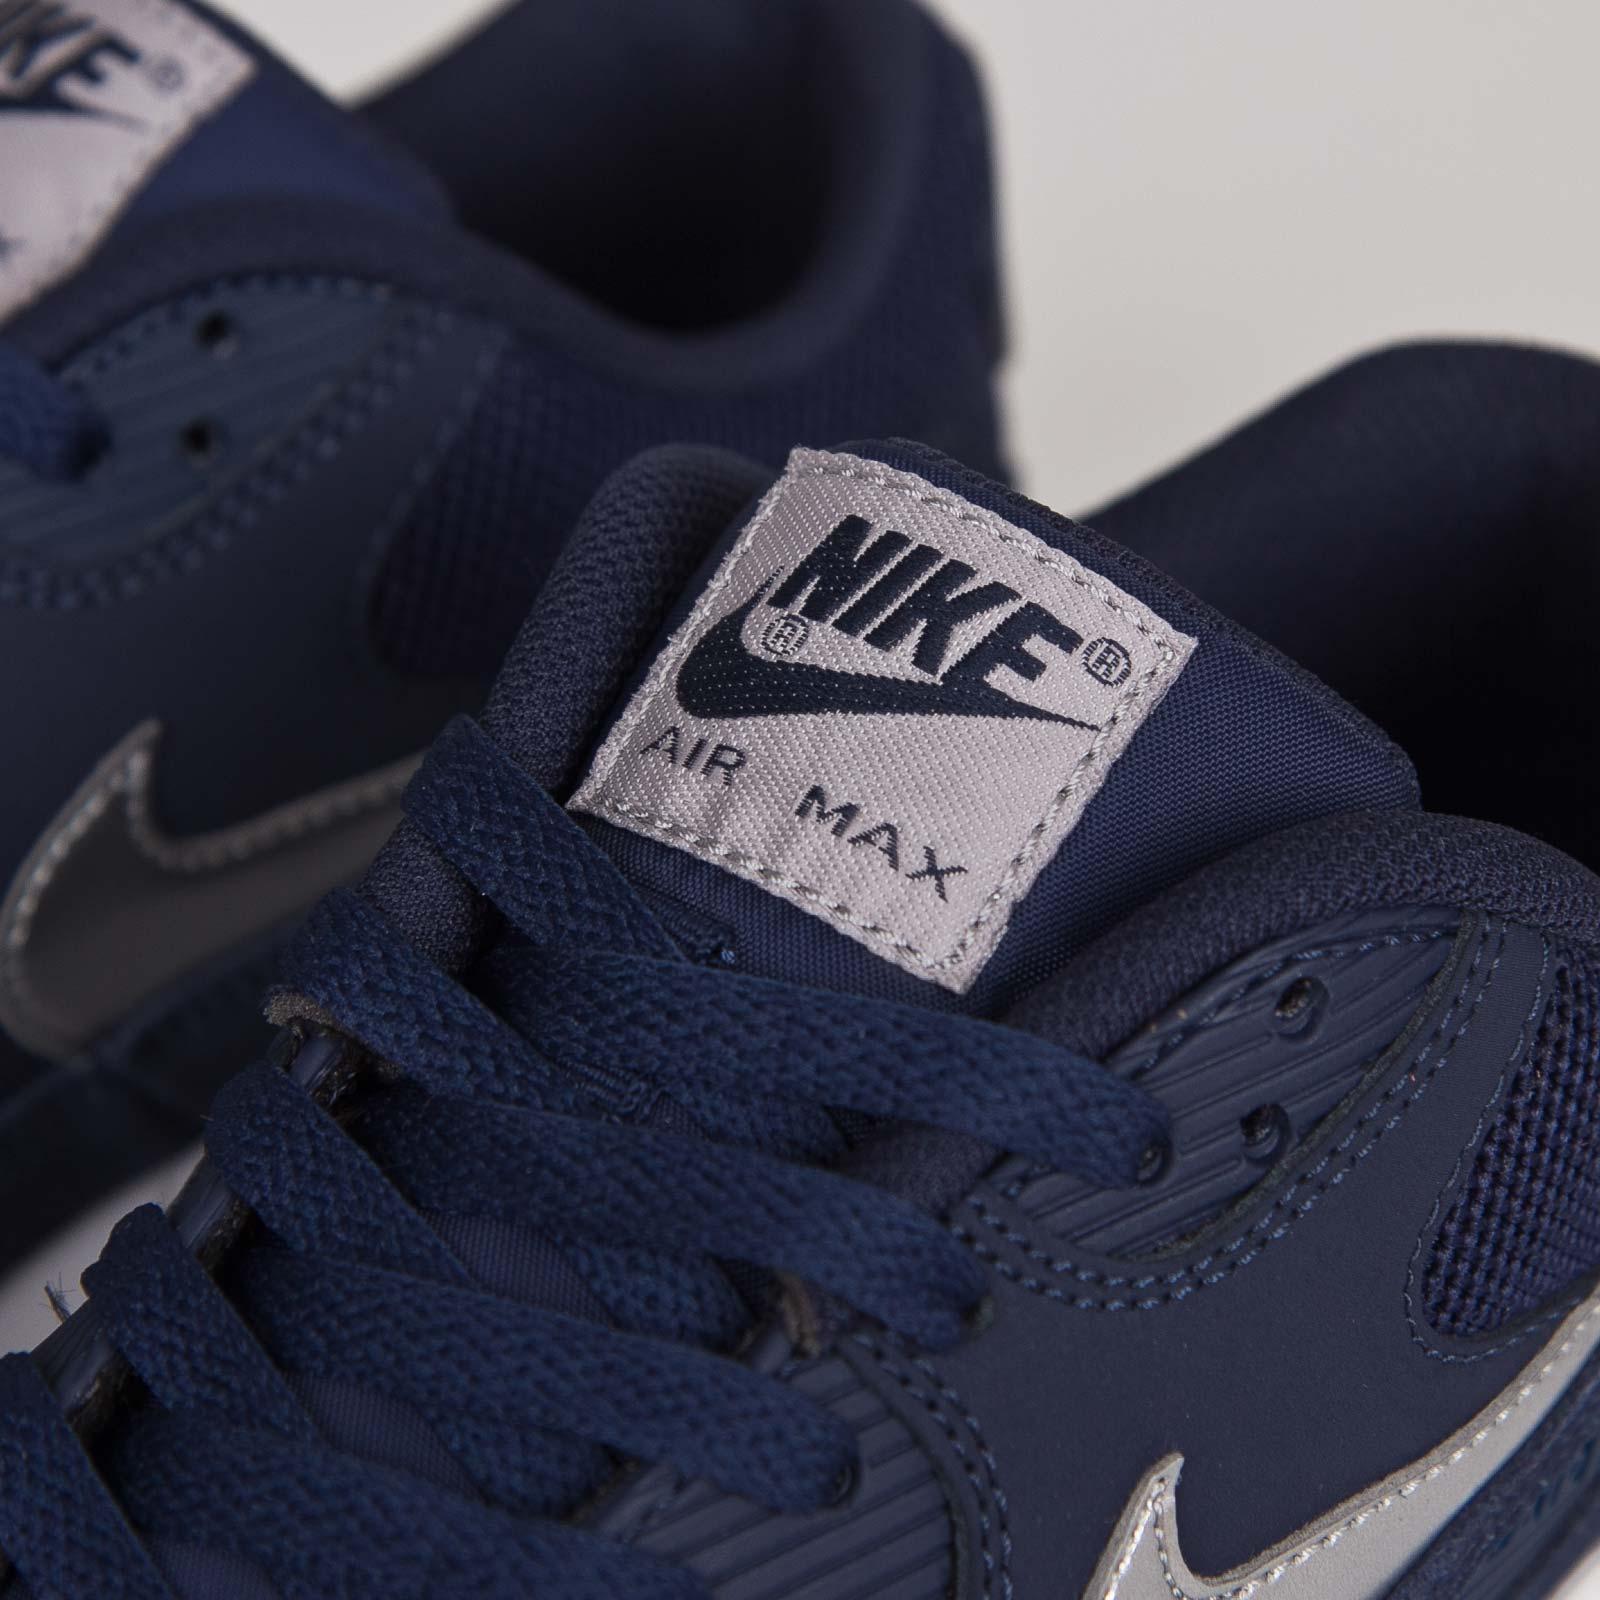 best sneakers a73b7 52391 Nike Air Max 90 Essential - 537384-411 - Sneakersnstuff   sneakers    streetwear online since 1999